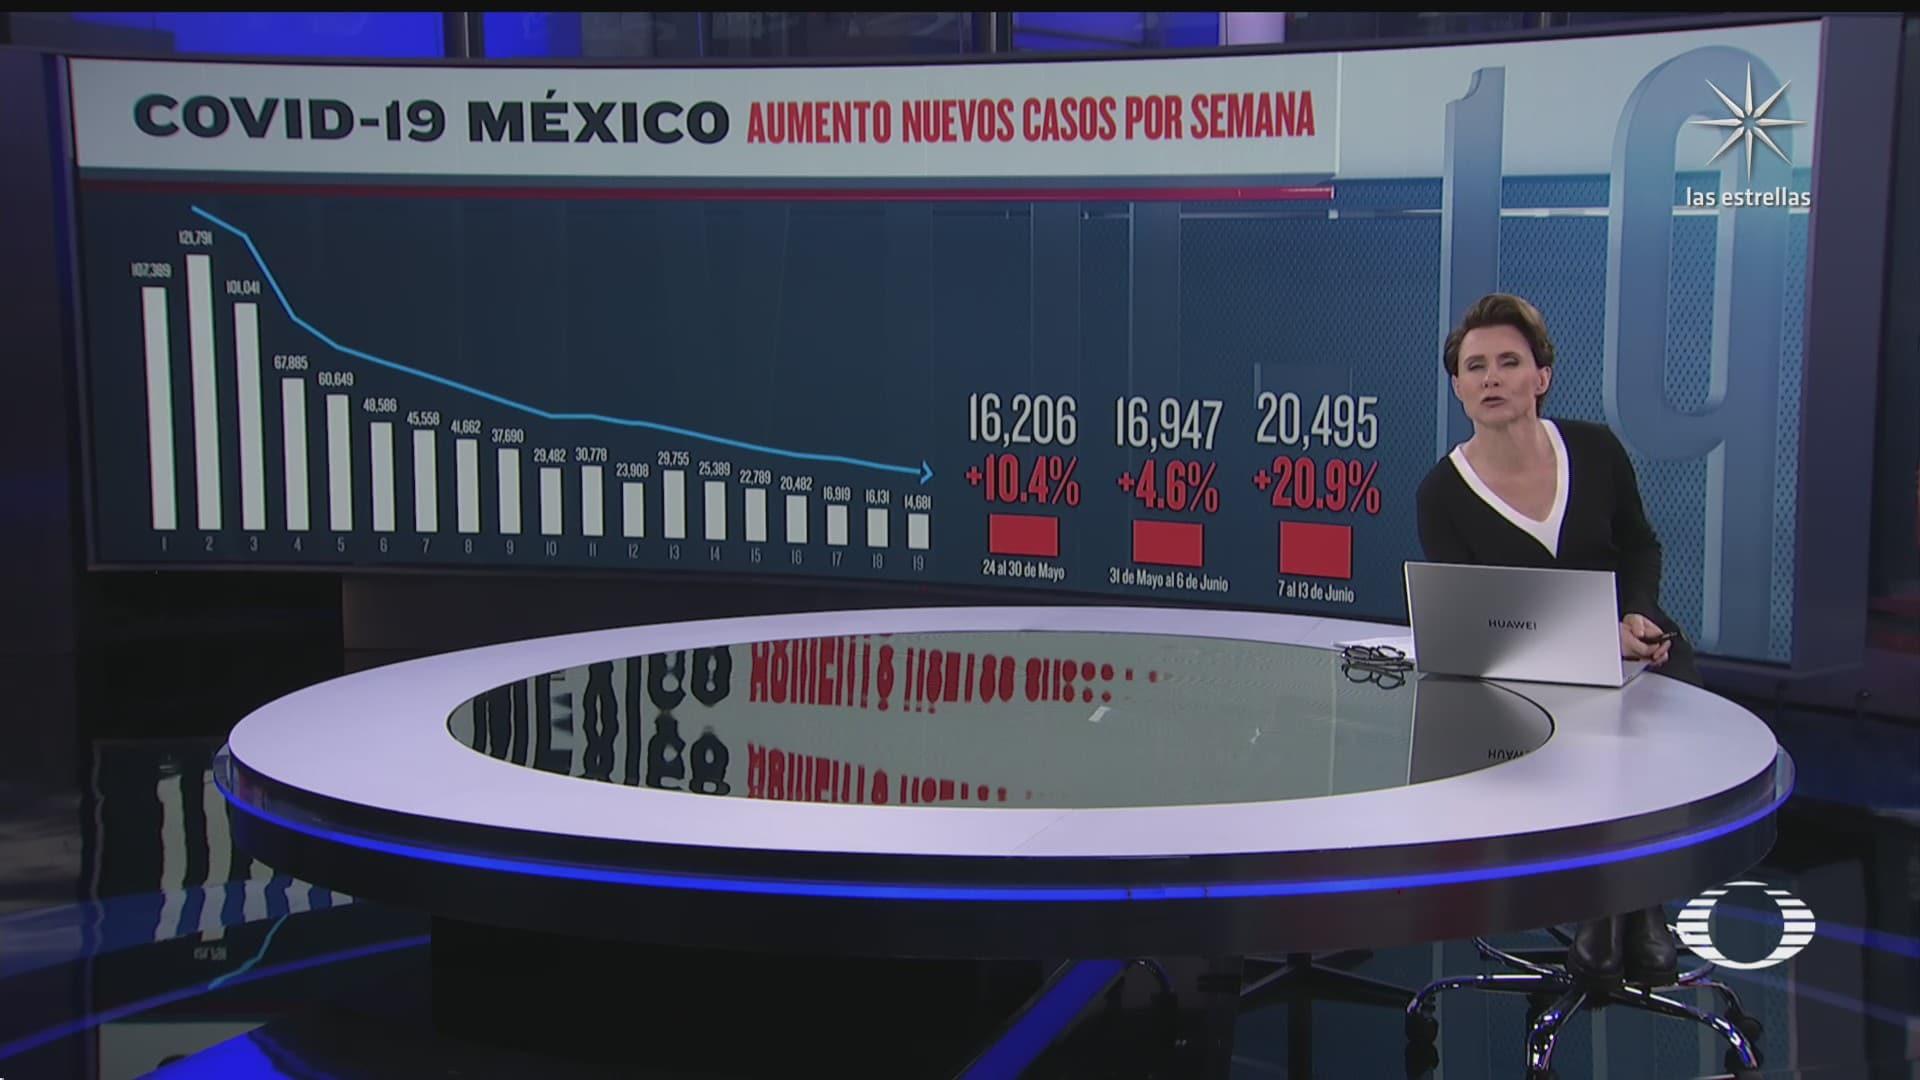 aumento el numero de nuevos casos de covid 19 en mexico